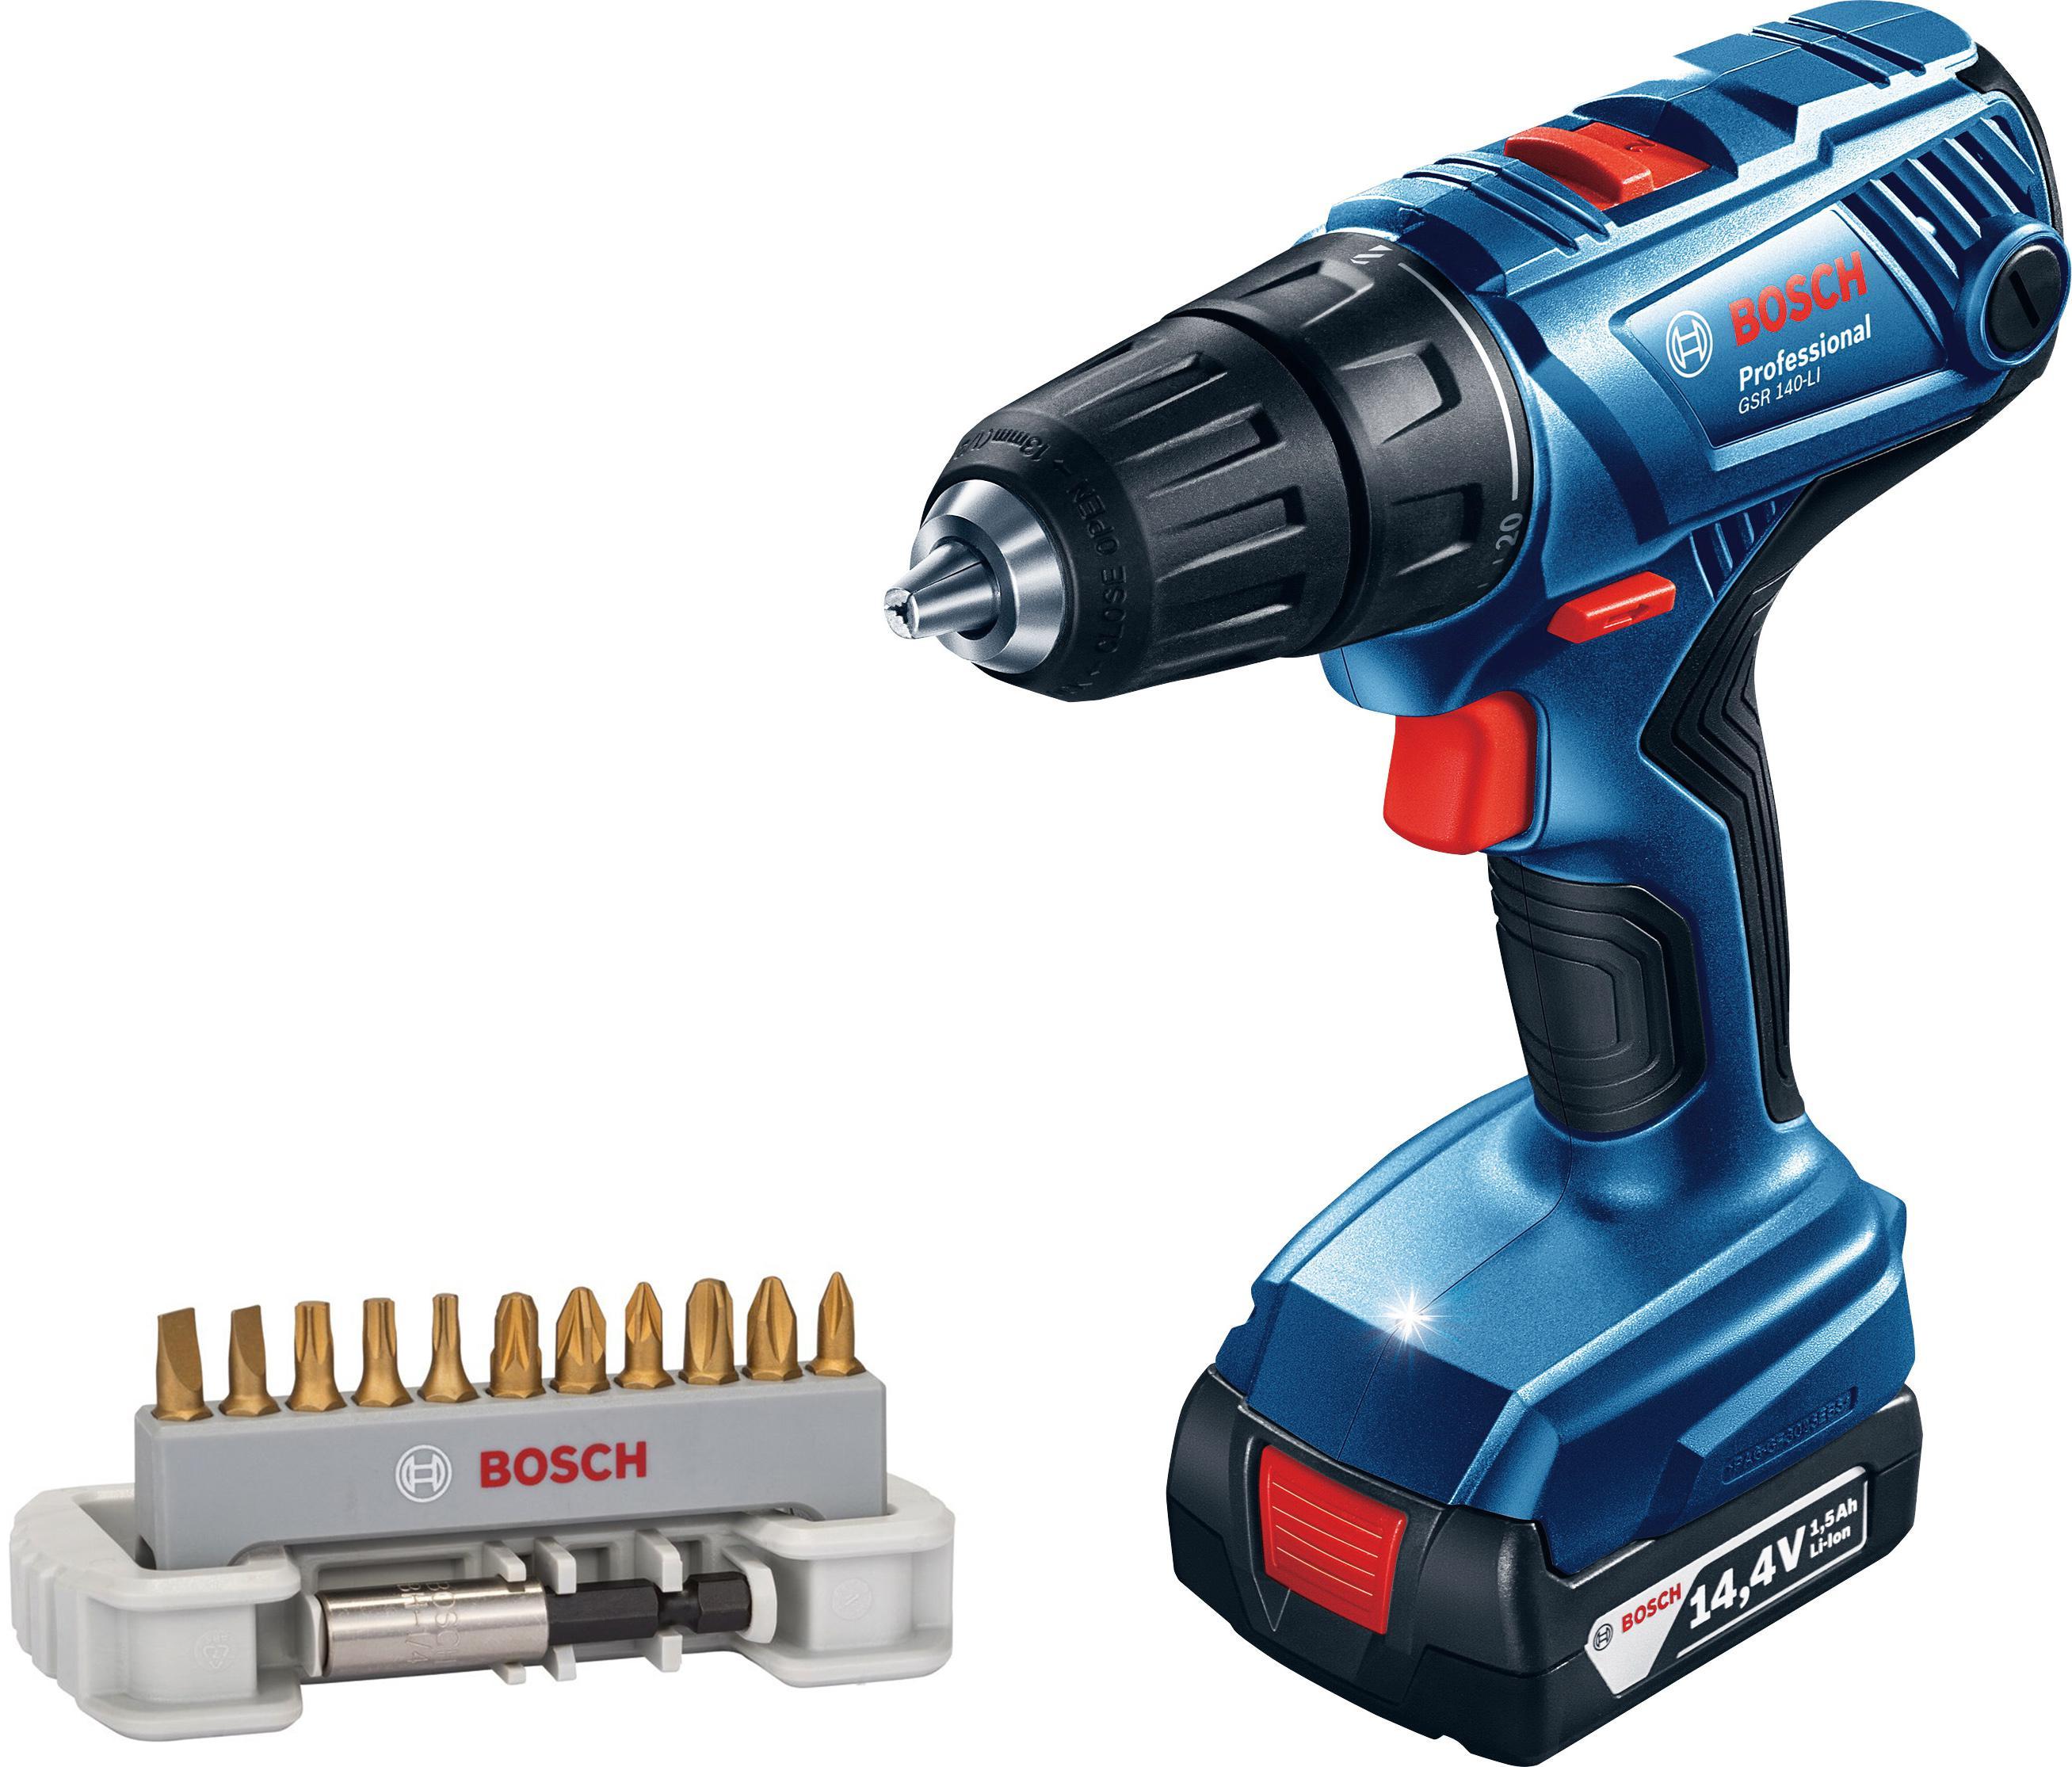 Набор Bosch Дрель-шуруповерт gsr 140-li (0.601.9f8.020) +Набор бит max grip 2608522133 фото